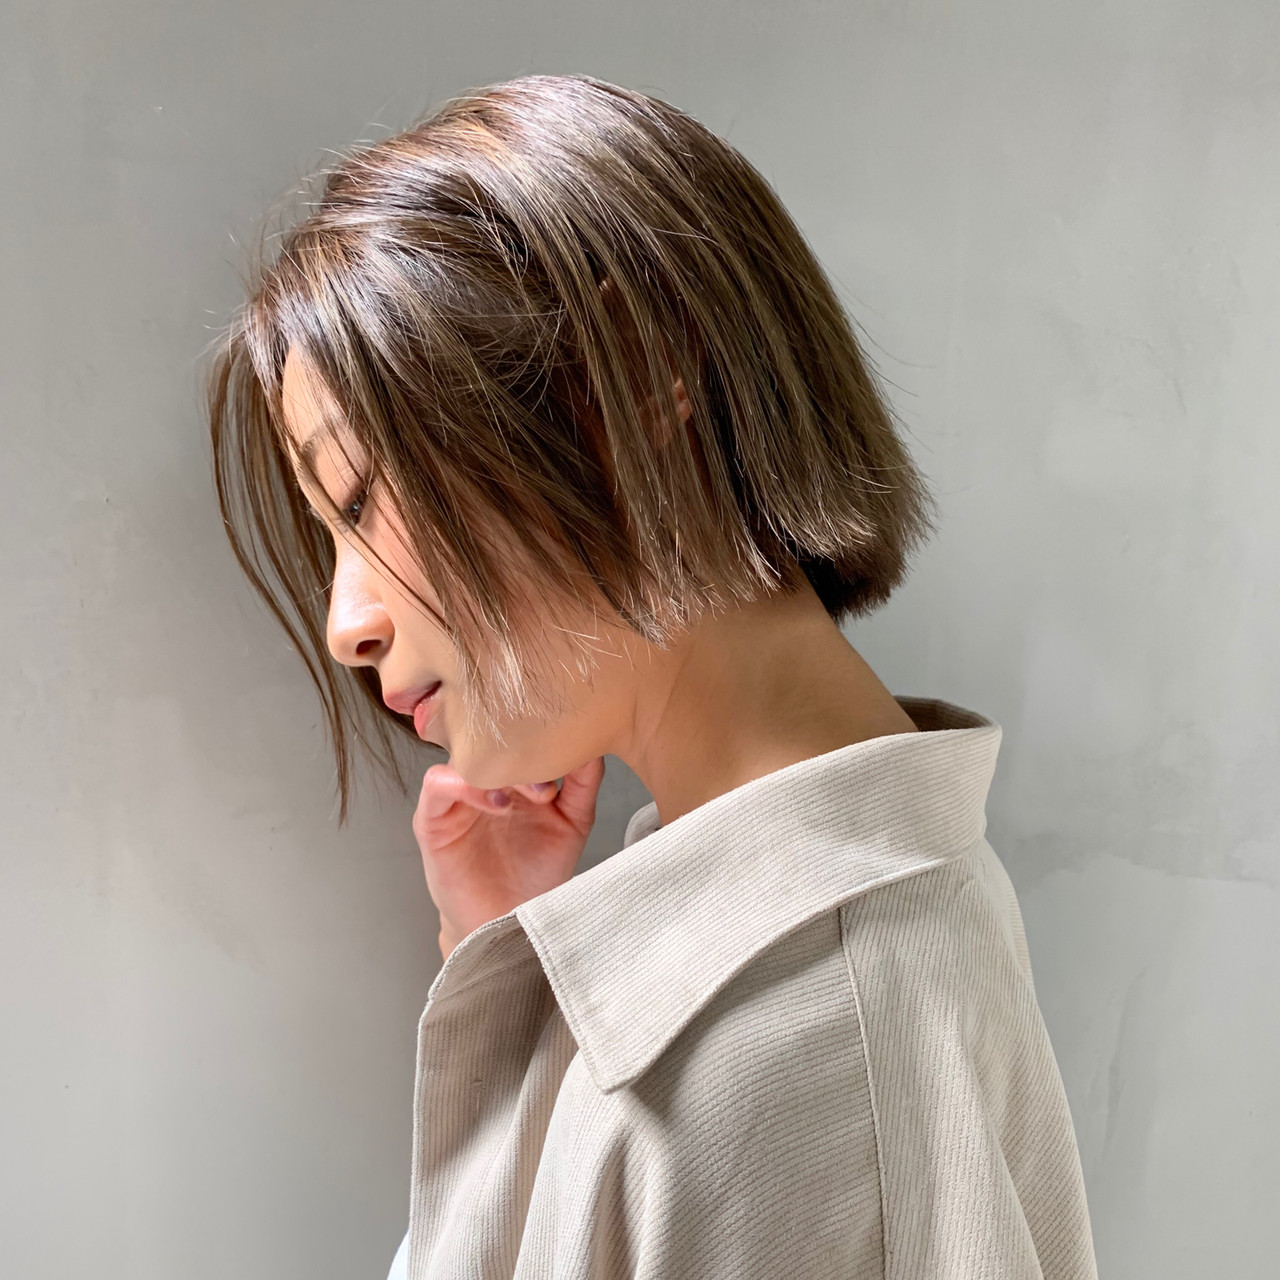 メイク パーマ ヘアカラー ヘアアレンジ ヘアスタイルや髪型の写真・画像